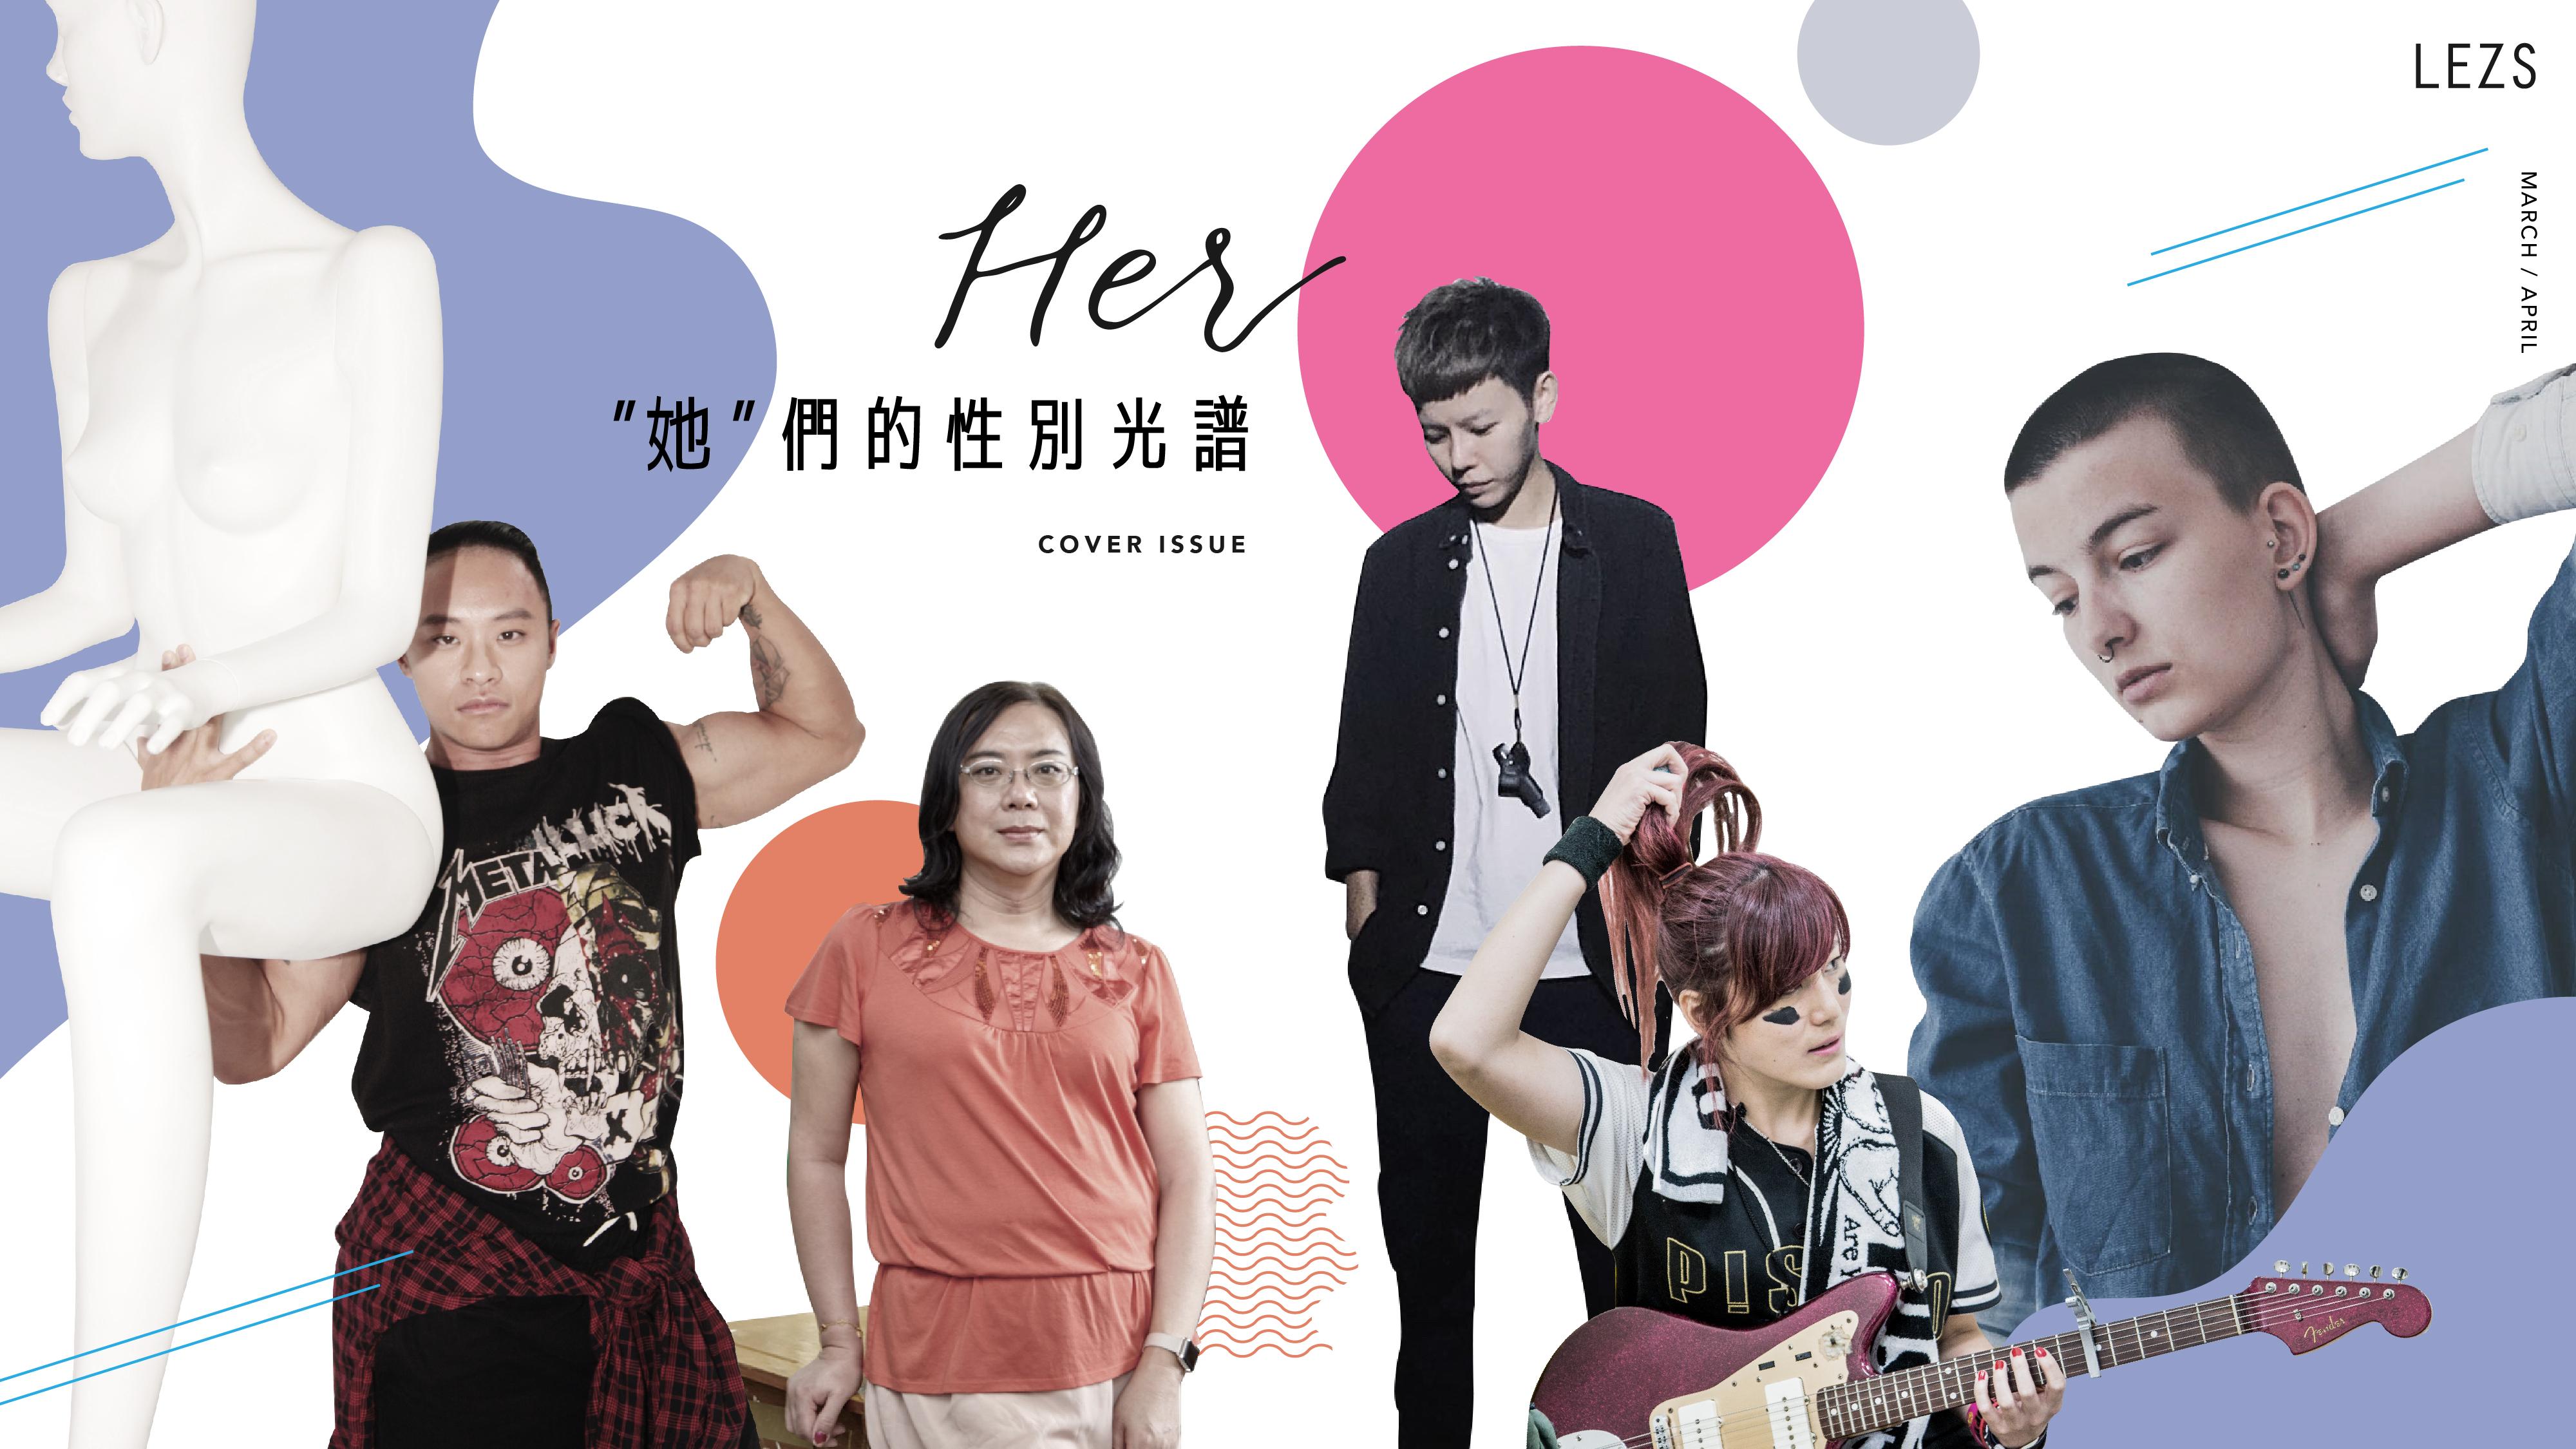 她們的性別光譜》LEZS春季專題,帶你探討性別多樣性